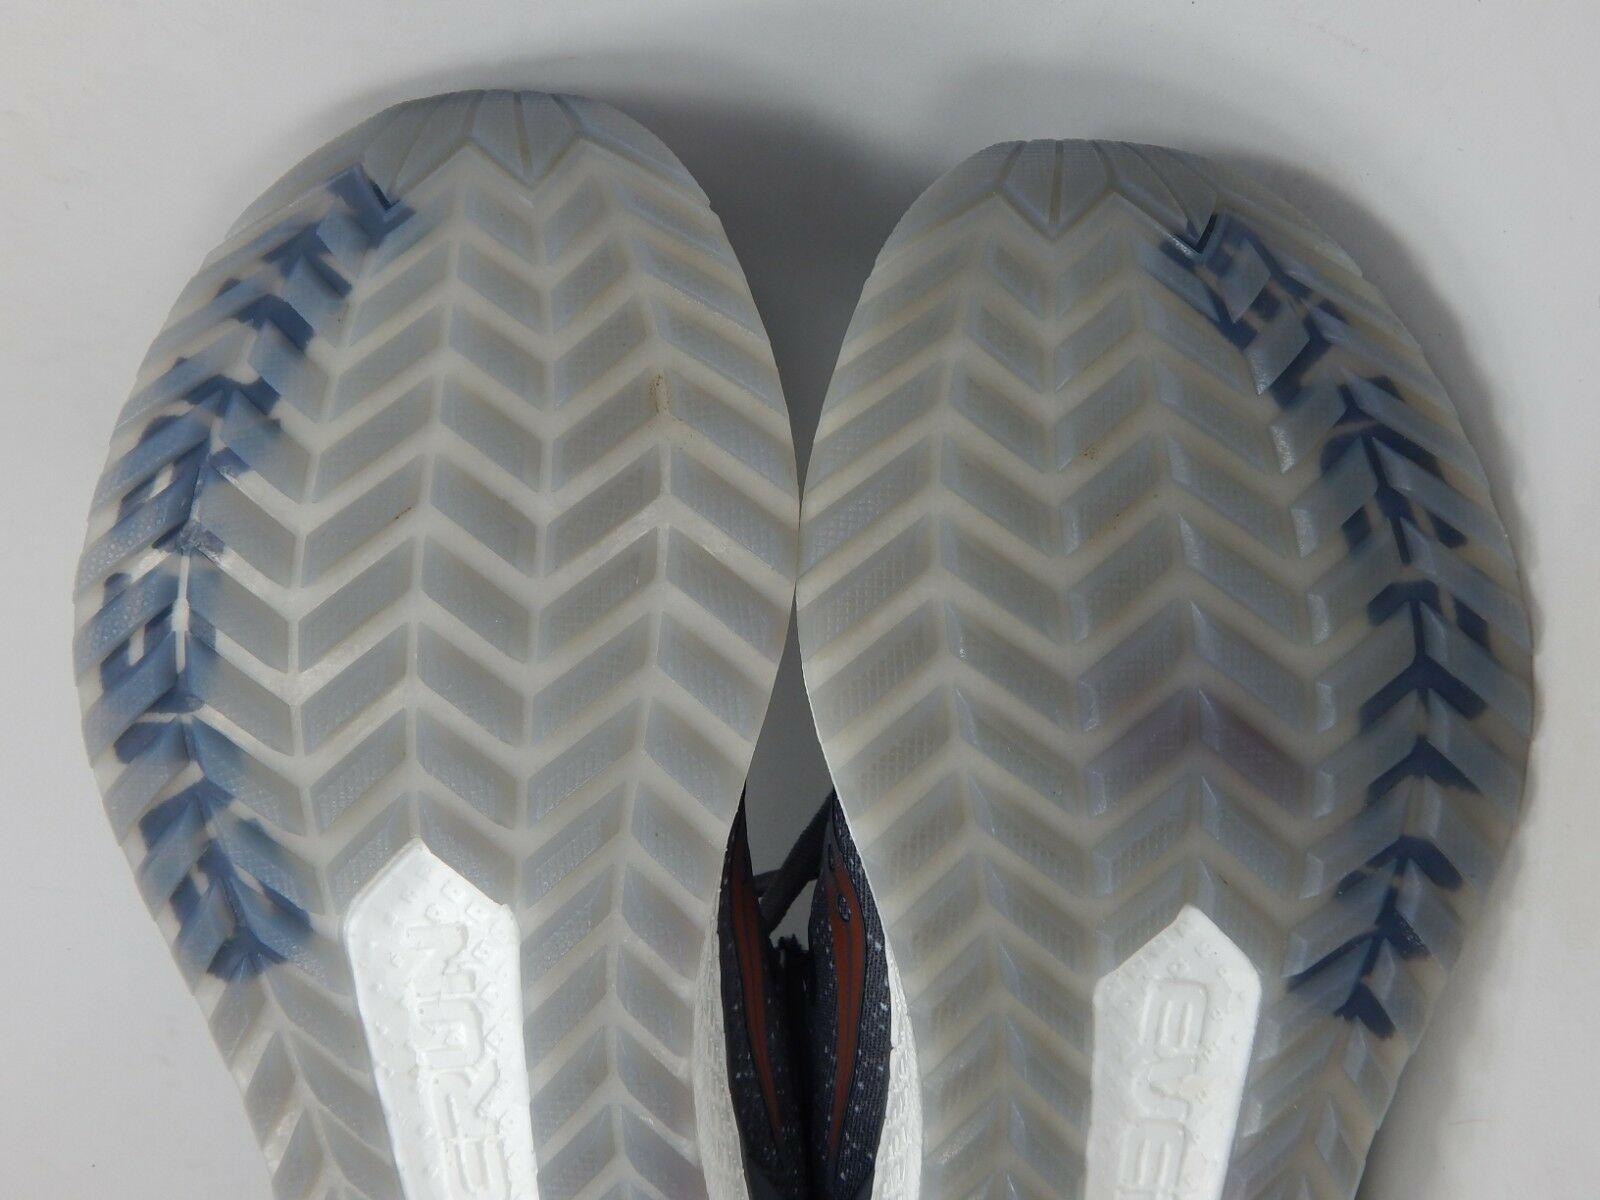 Saucony Libertà Iso Taglia 7 M (B) Eu 38 Donna Scarpe da Corsa Grigio S10355-30